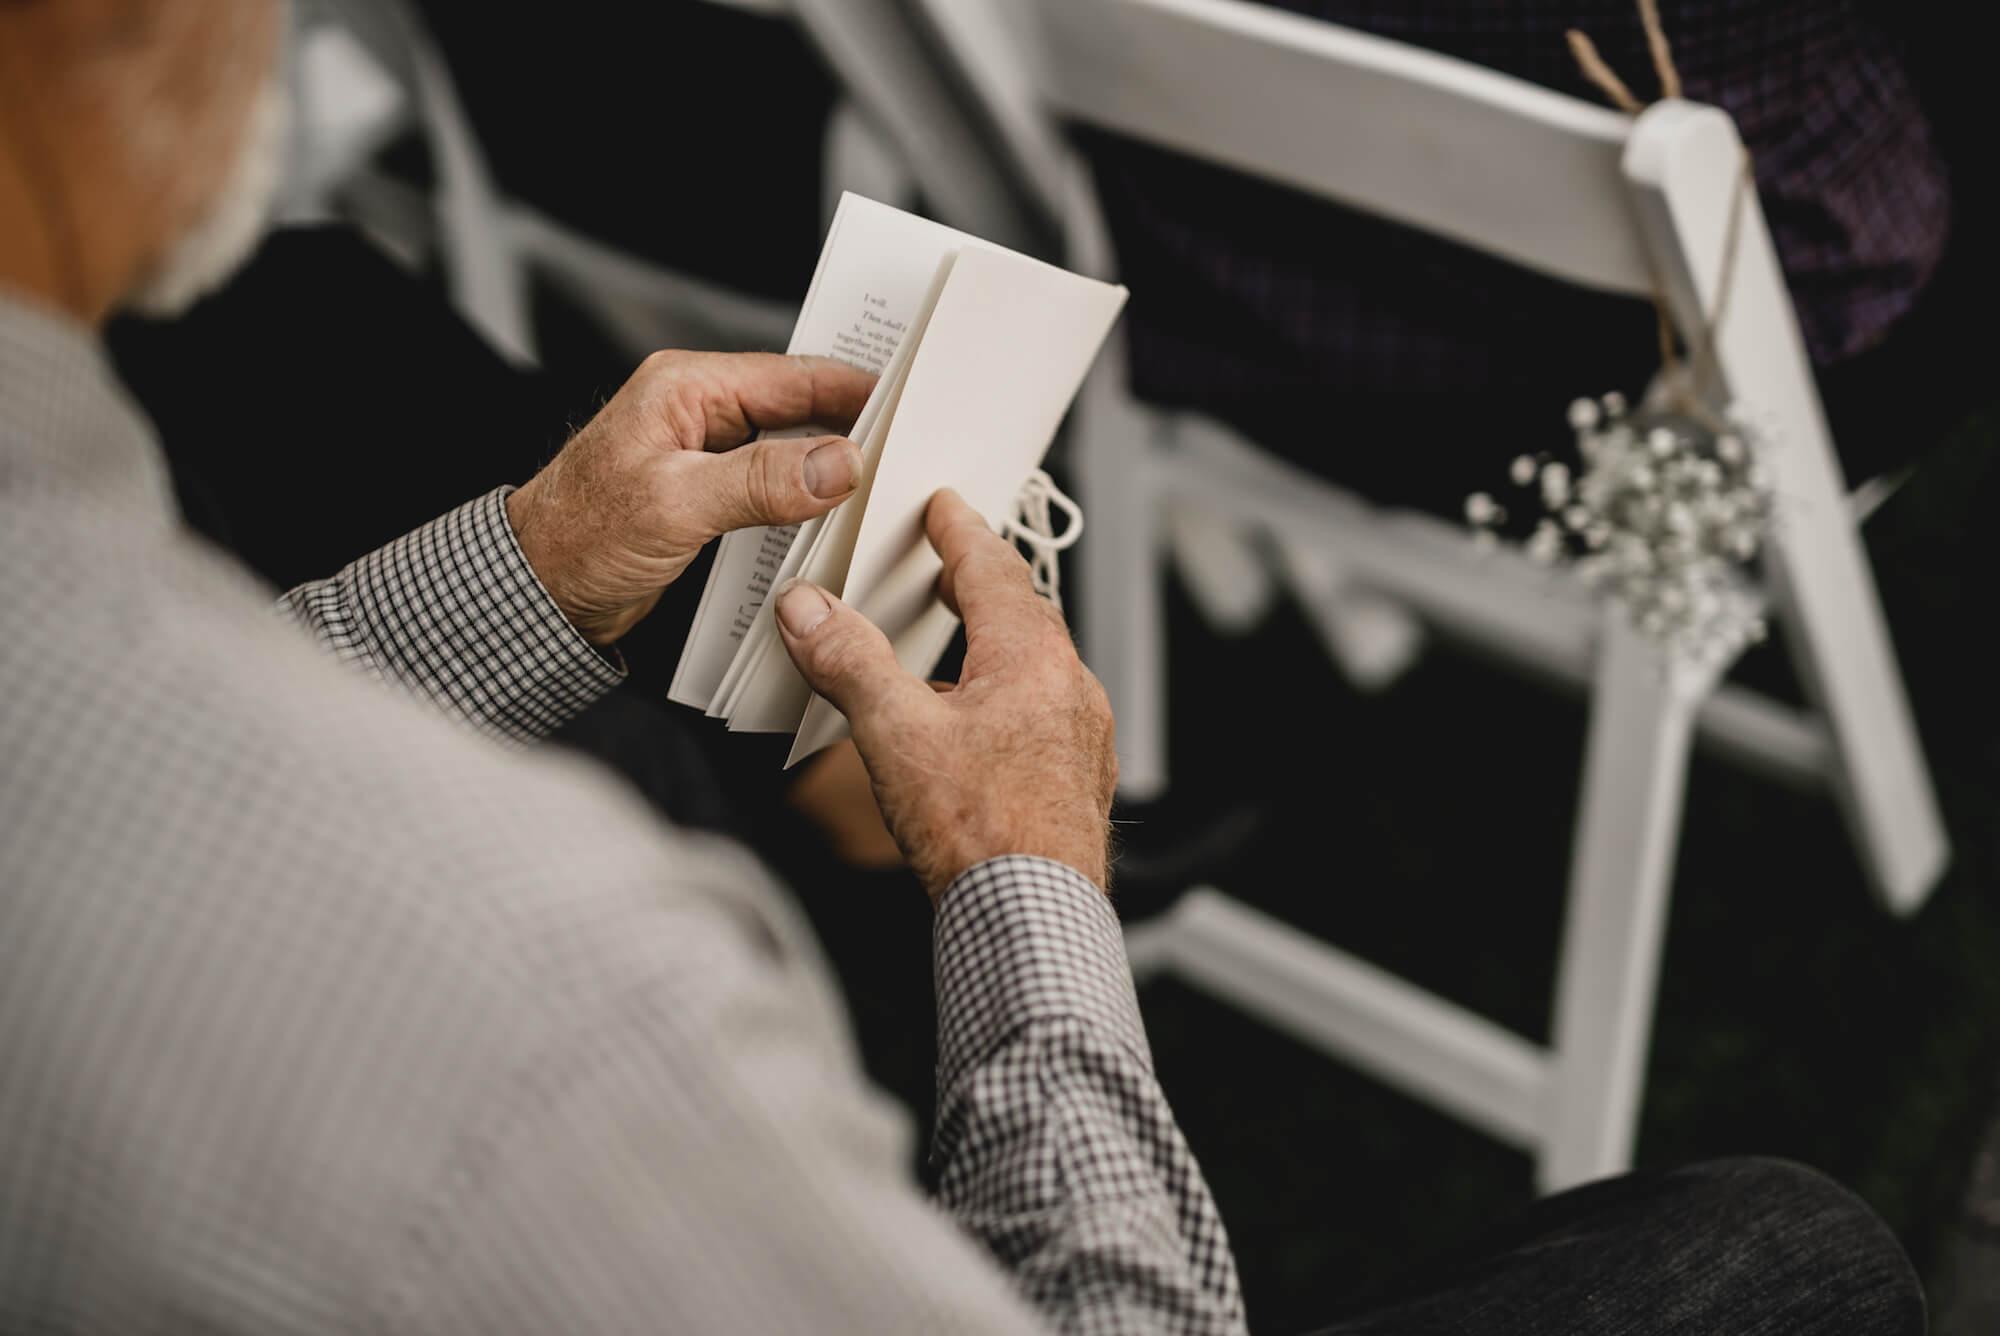 engle-olson-tammy-marc-wedding-43.jpg